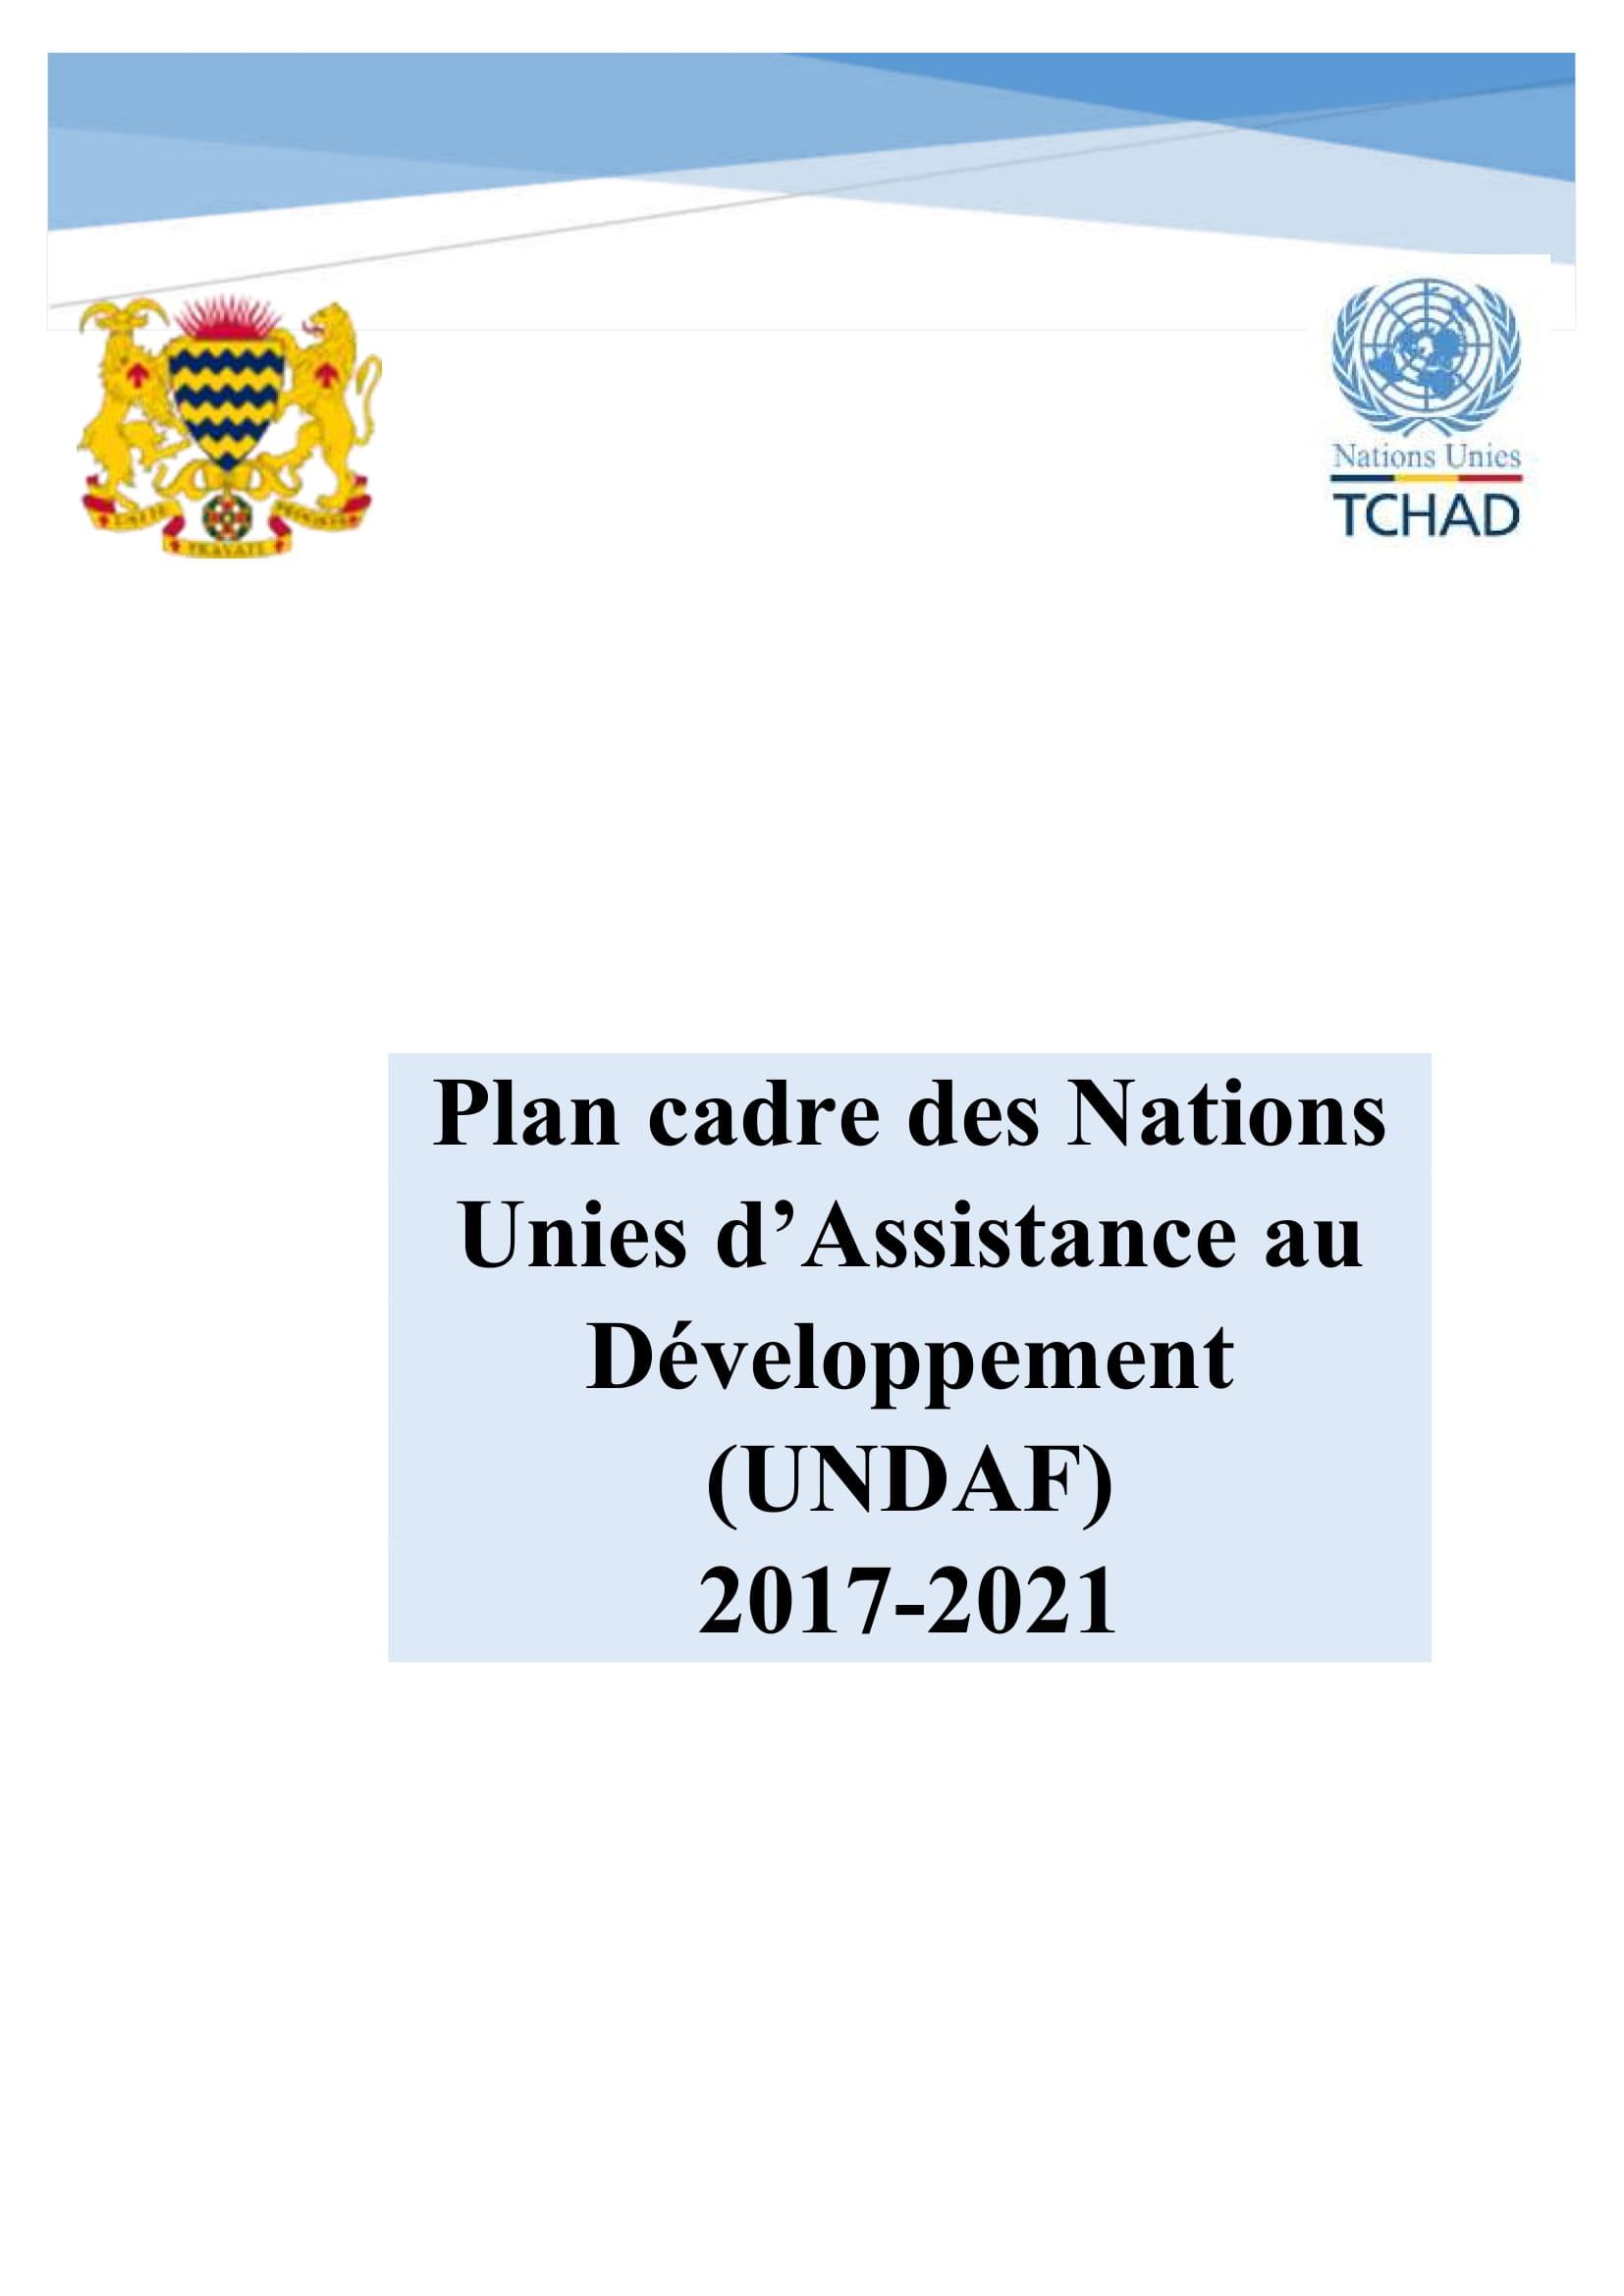 Plan cadre des Nations Unies d'assistance au développement (UNDAF) 2017-2021